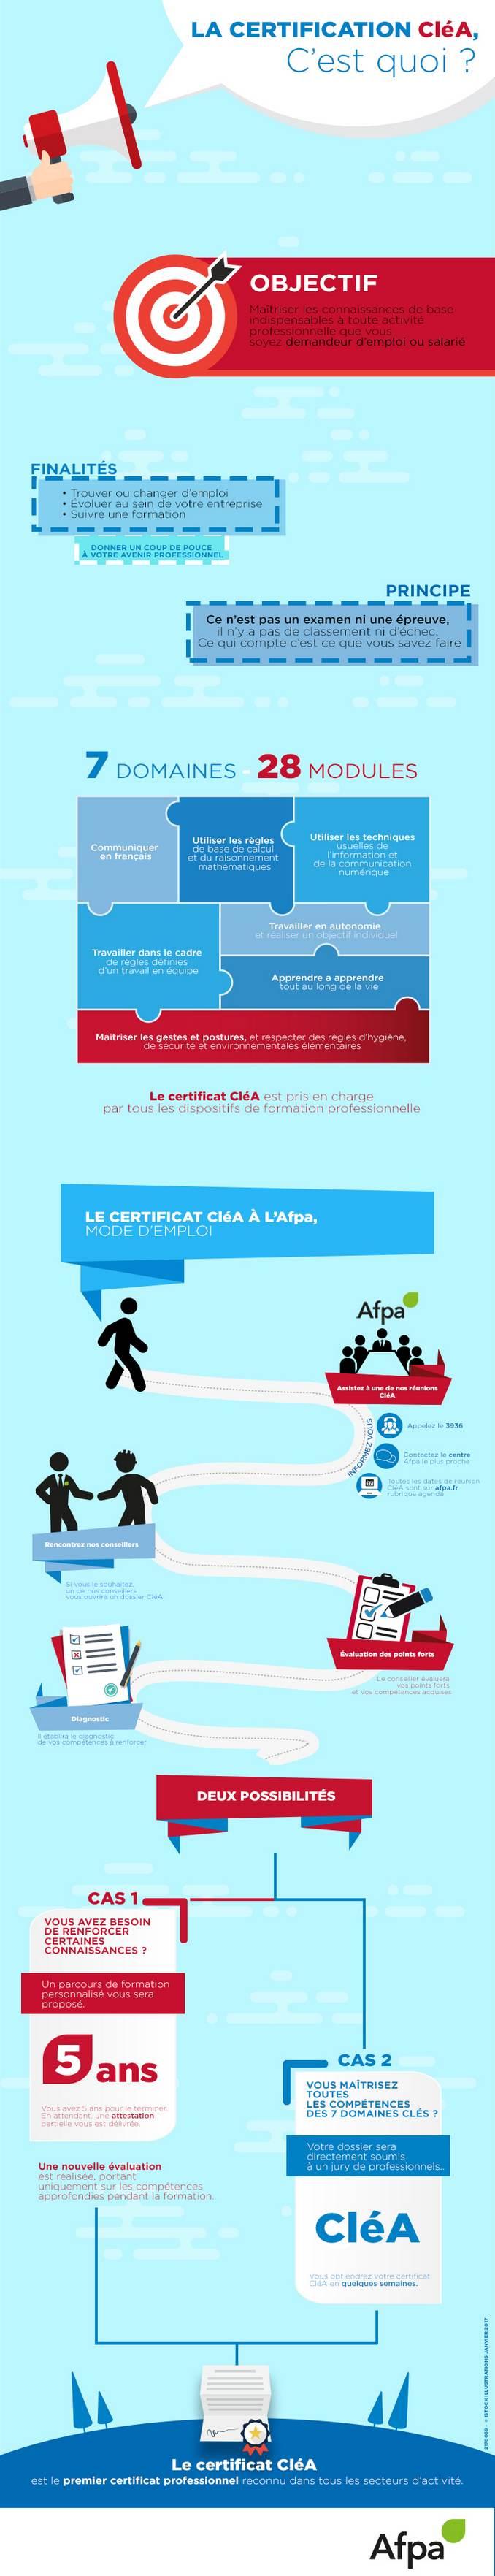 Cla Une Certification Pour Scuriser Les Parcours Professionnels